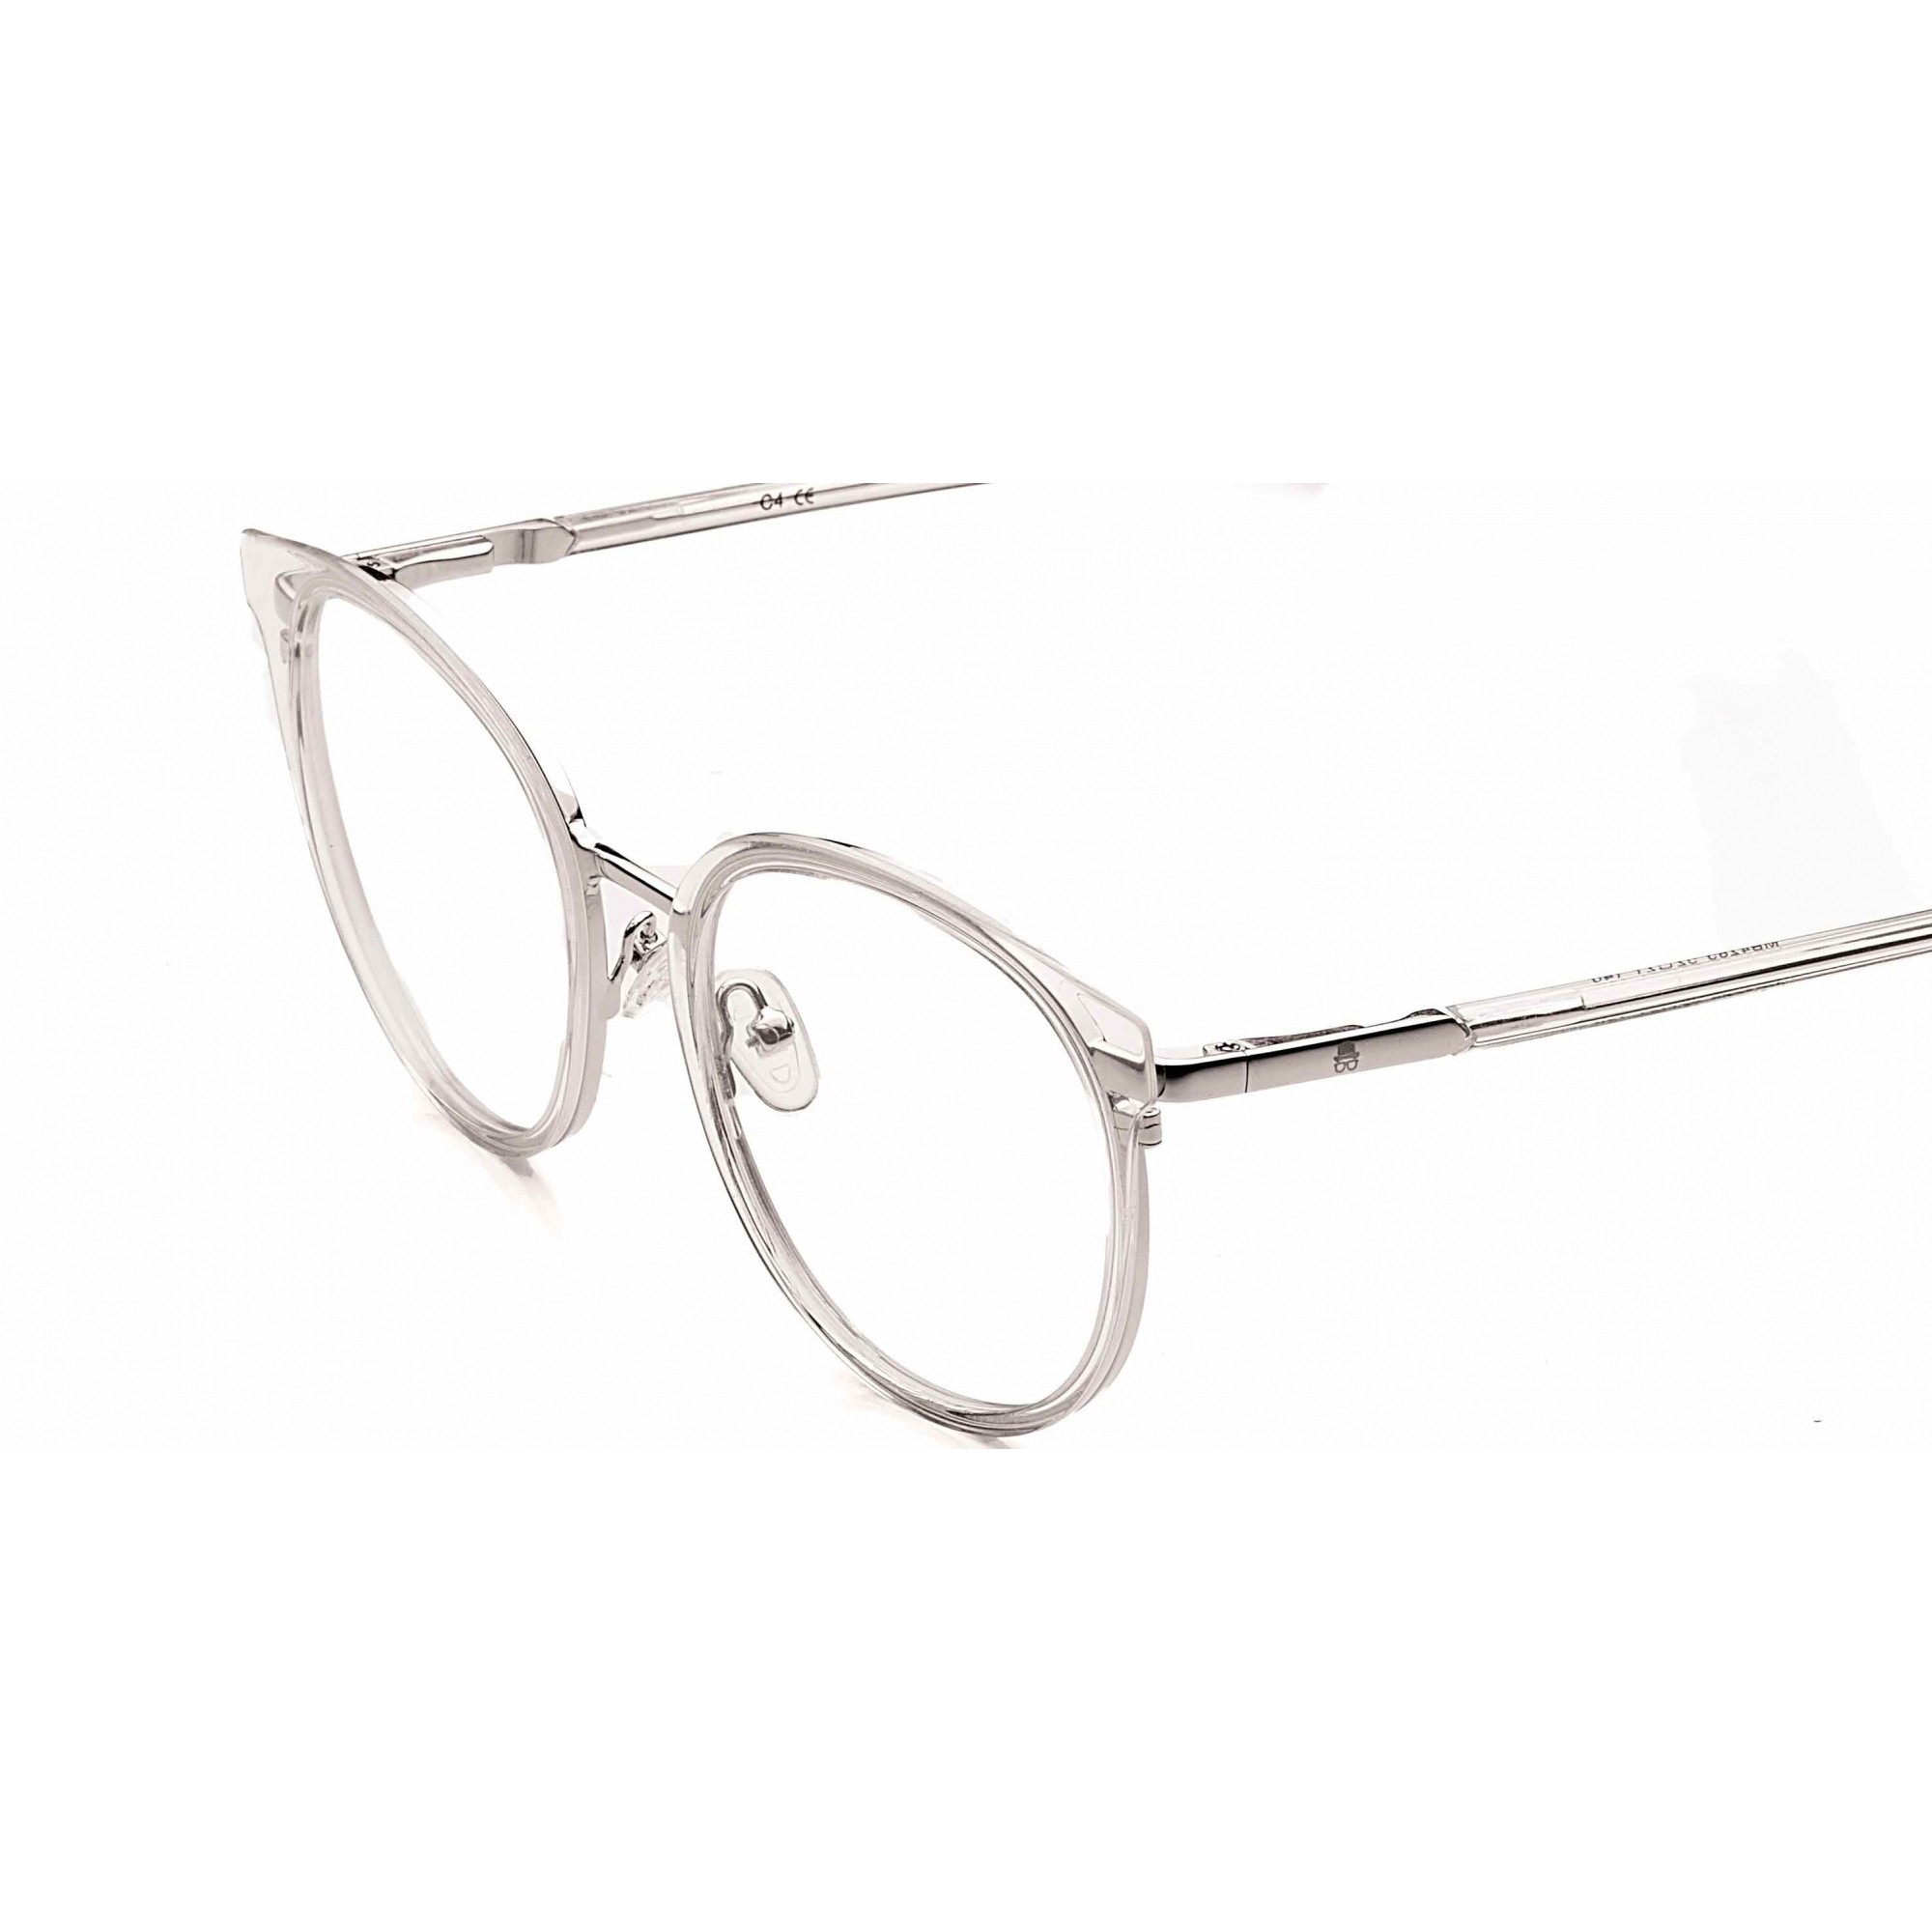 Mythos - Rafael Lopes Eyewear